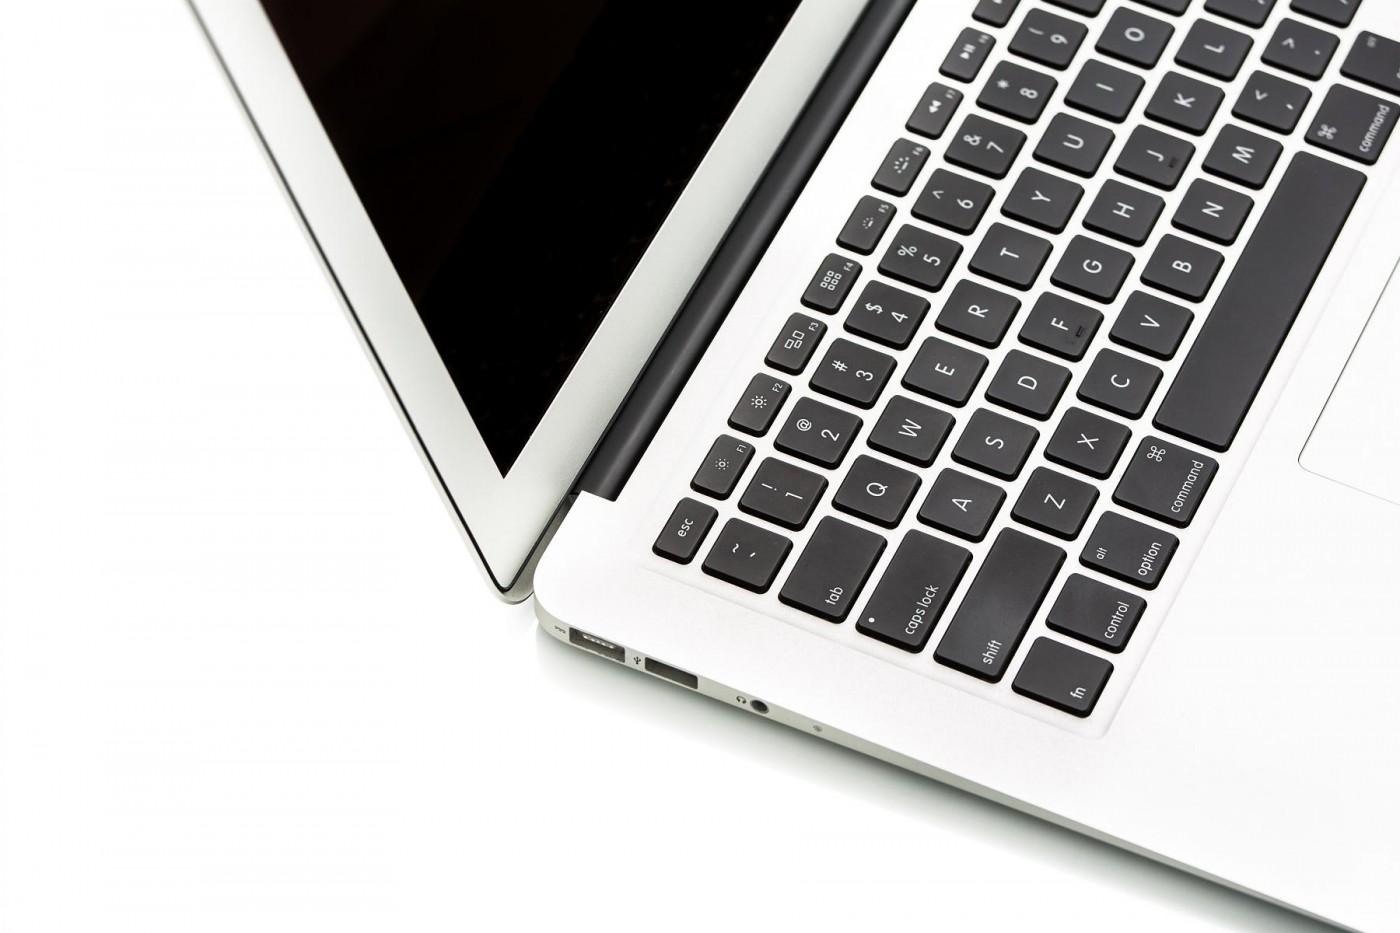 賈伯斯從牛皮紙袋抽出的驚喜:MacBook Air問世十周年,五大設計改寫筆電未來